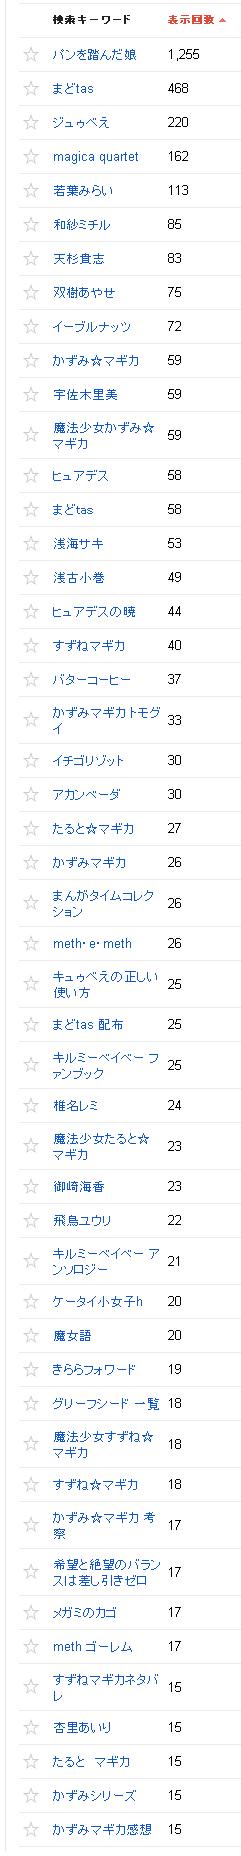 2014/07/02の検索クエリ一覧(ウェブマスターツール)の上位